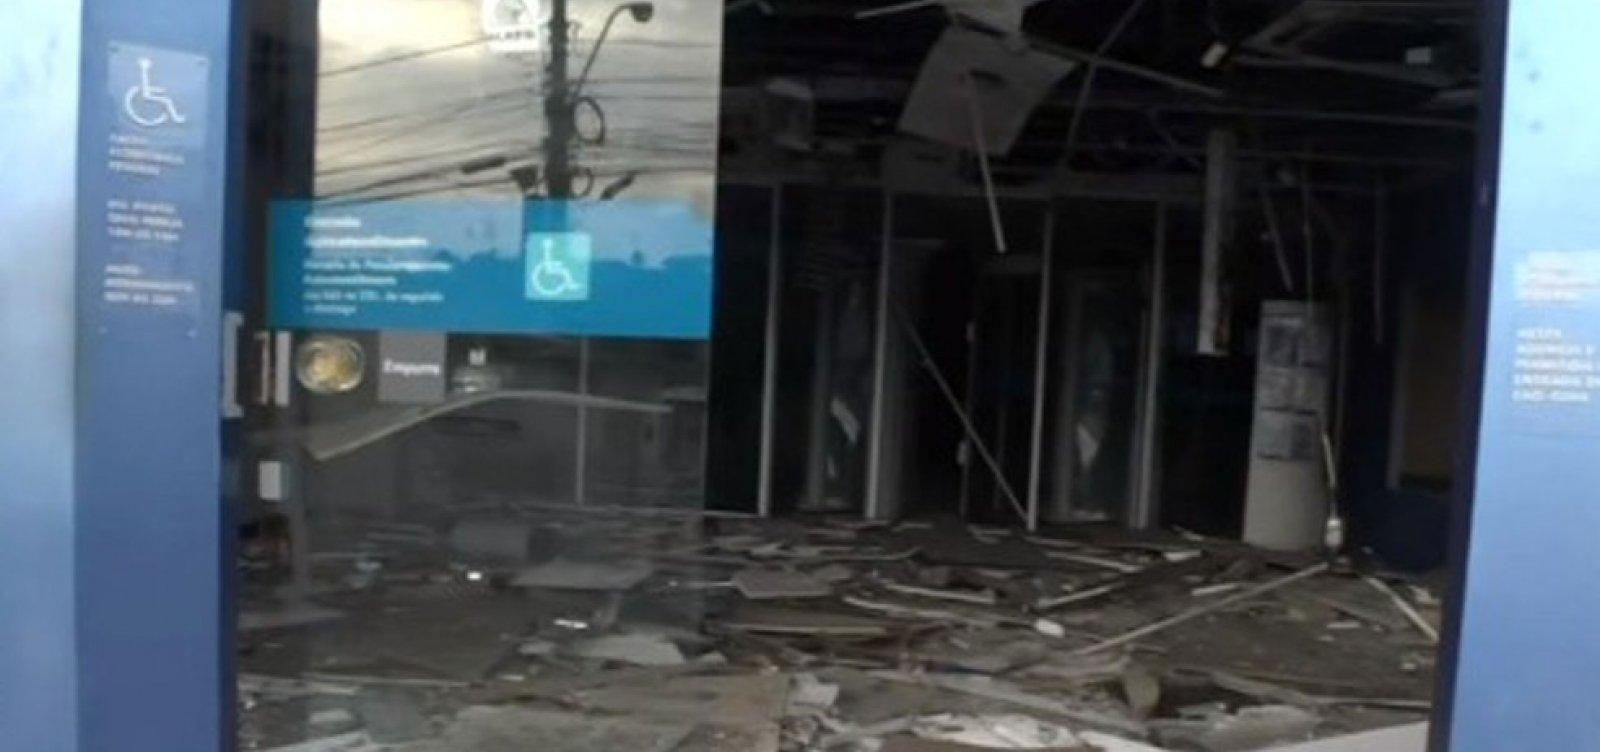 [Mais uma agência bancária é explodida em Salvador; este é o terceiro ataque em 20 dias]